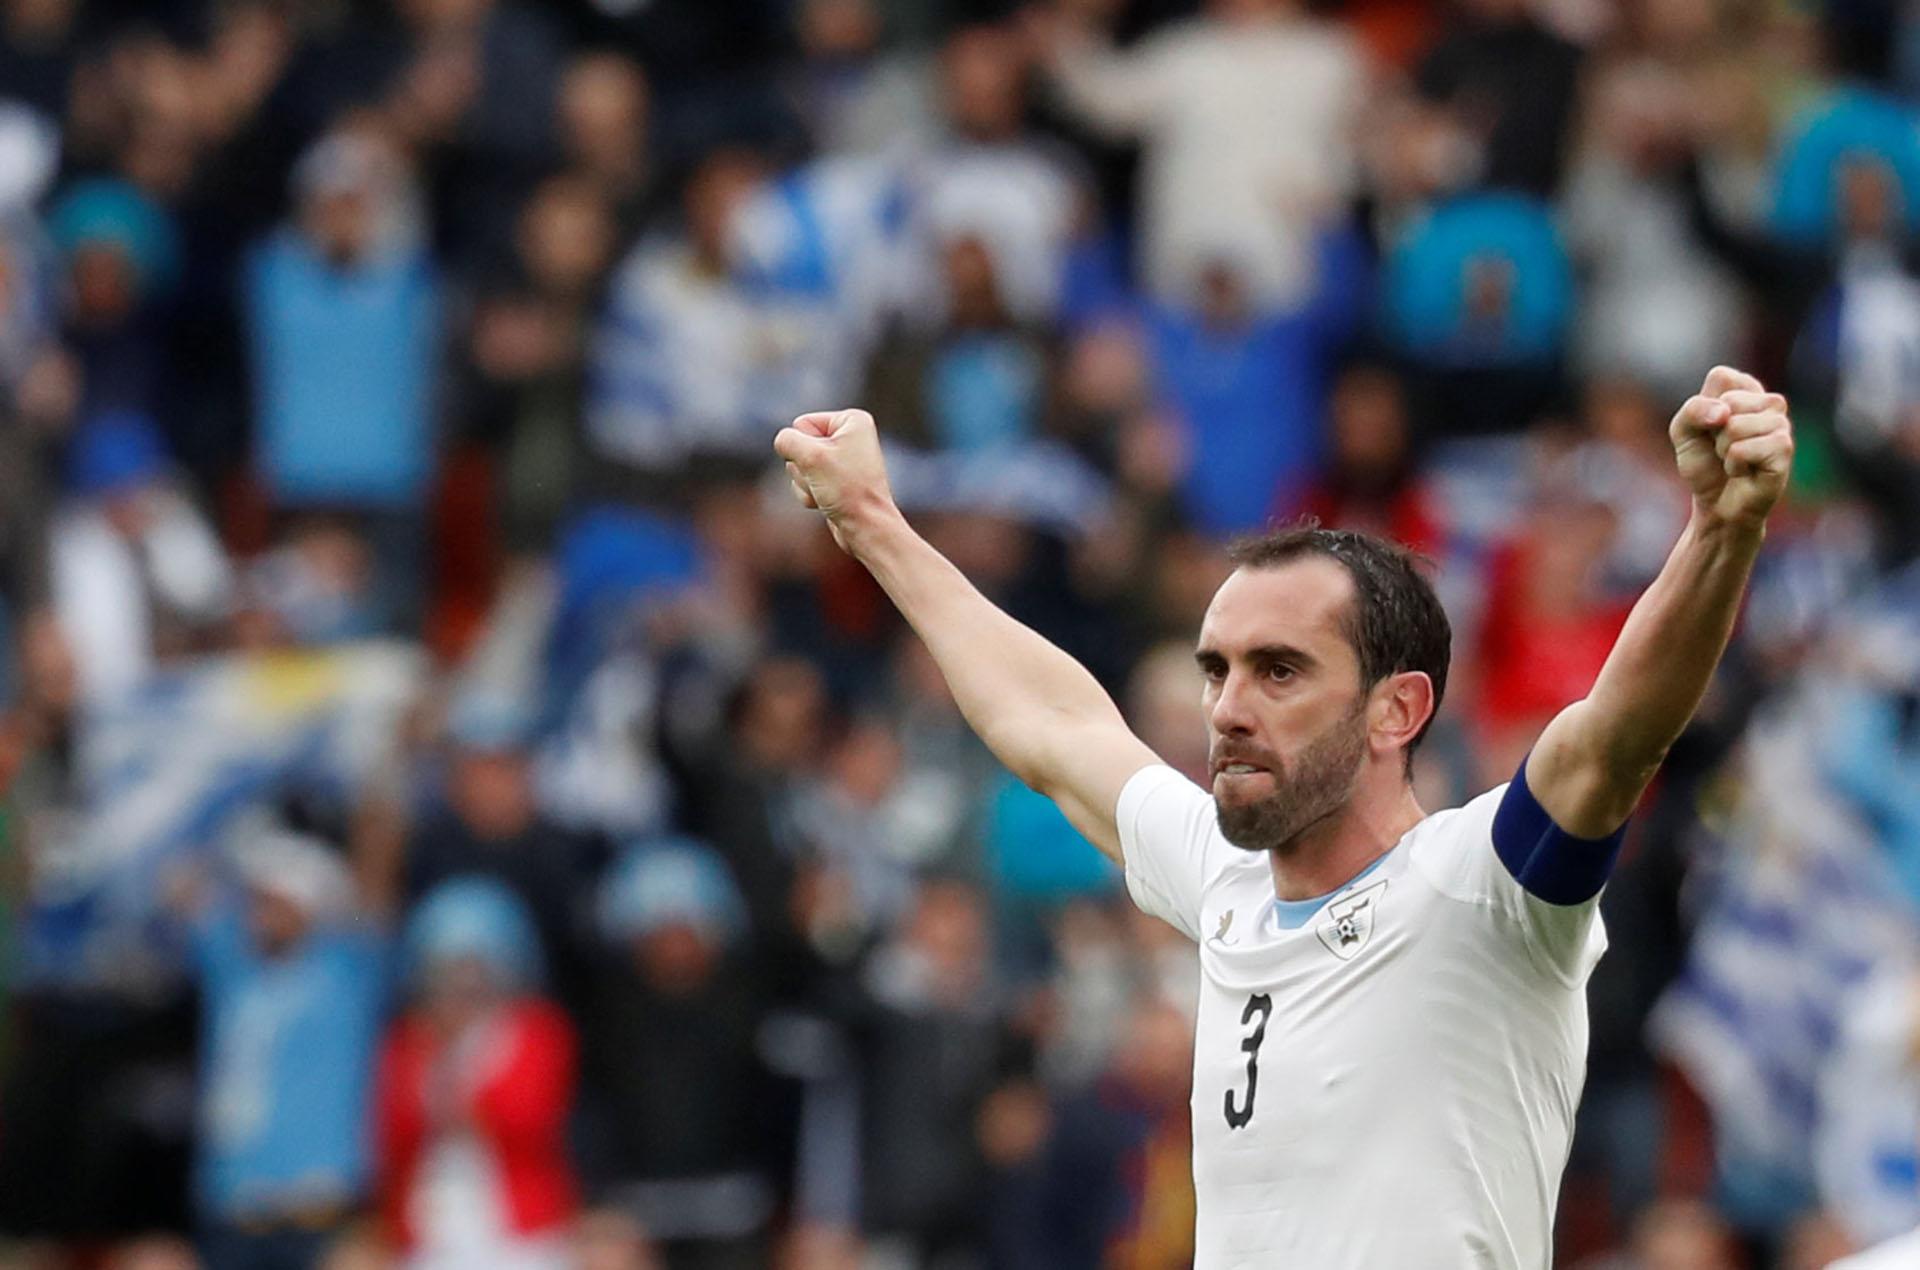 El capitán celebra la victoria de Uruguay